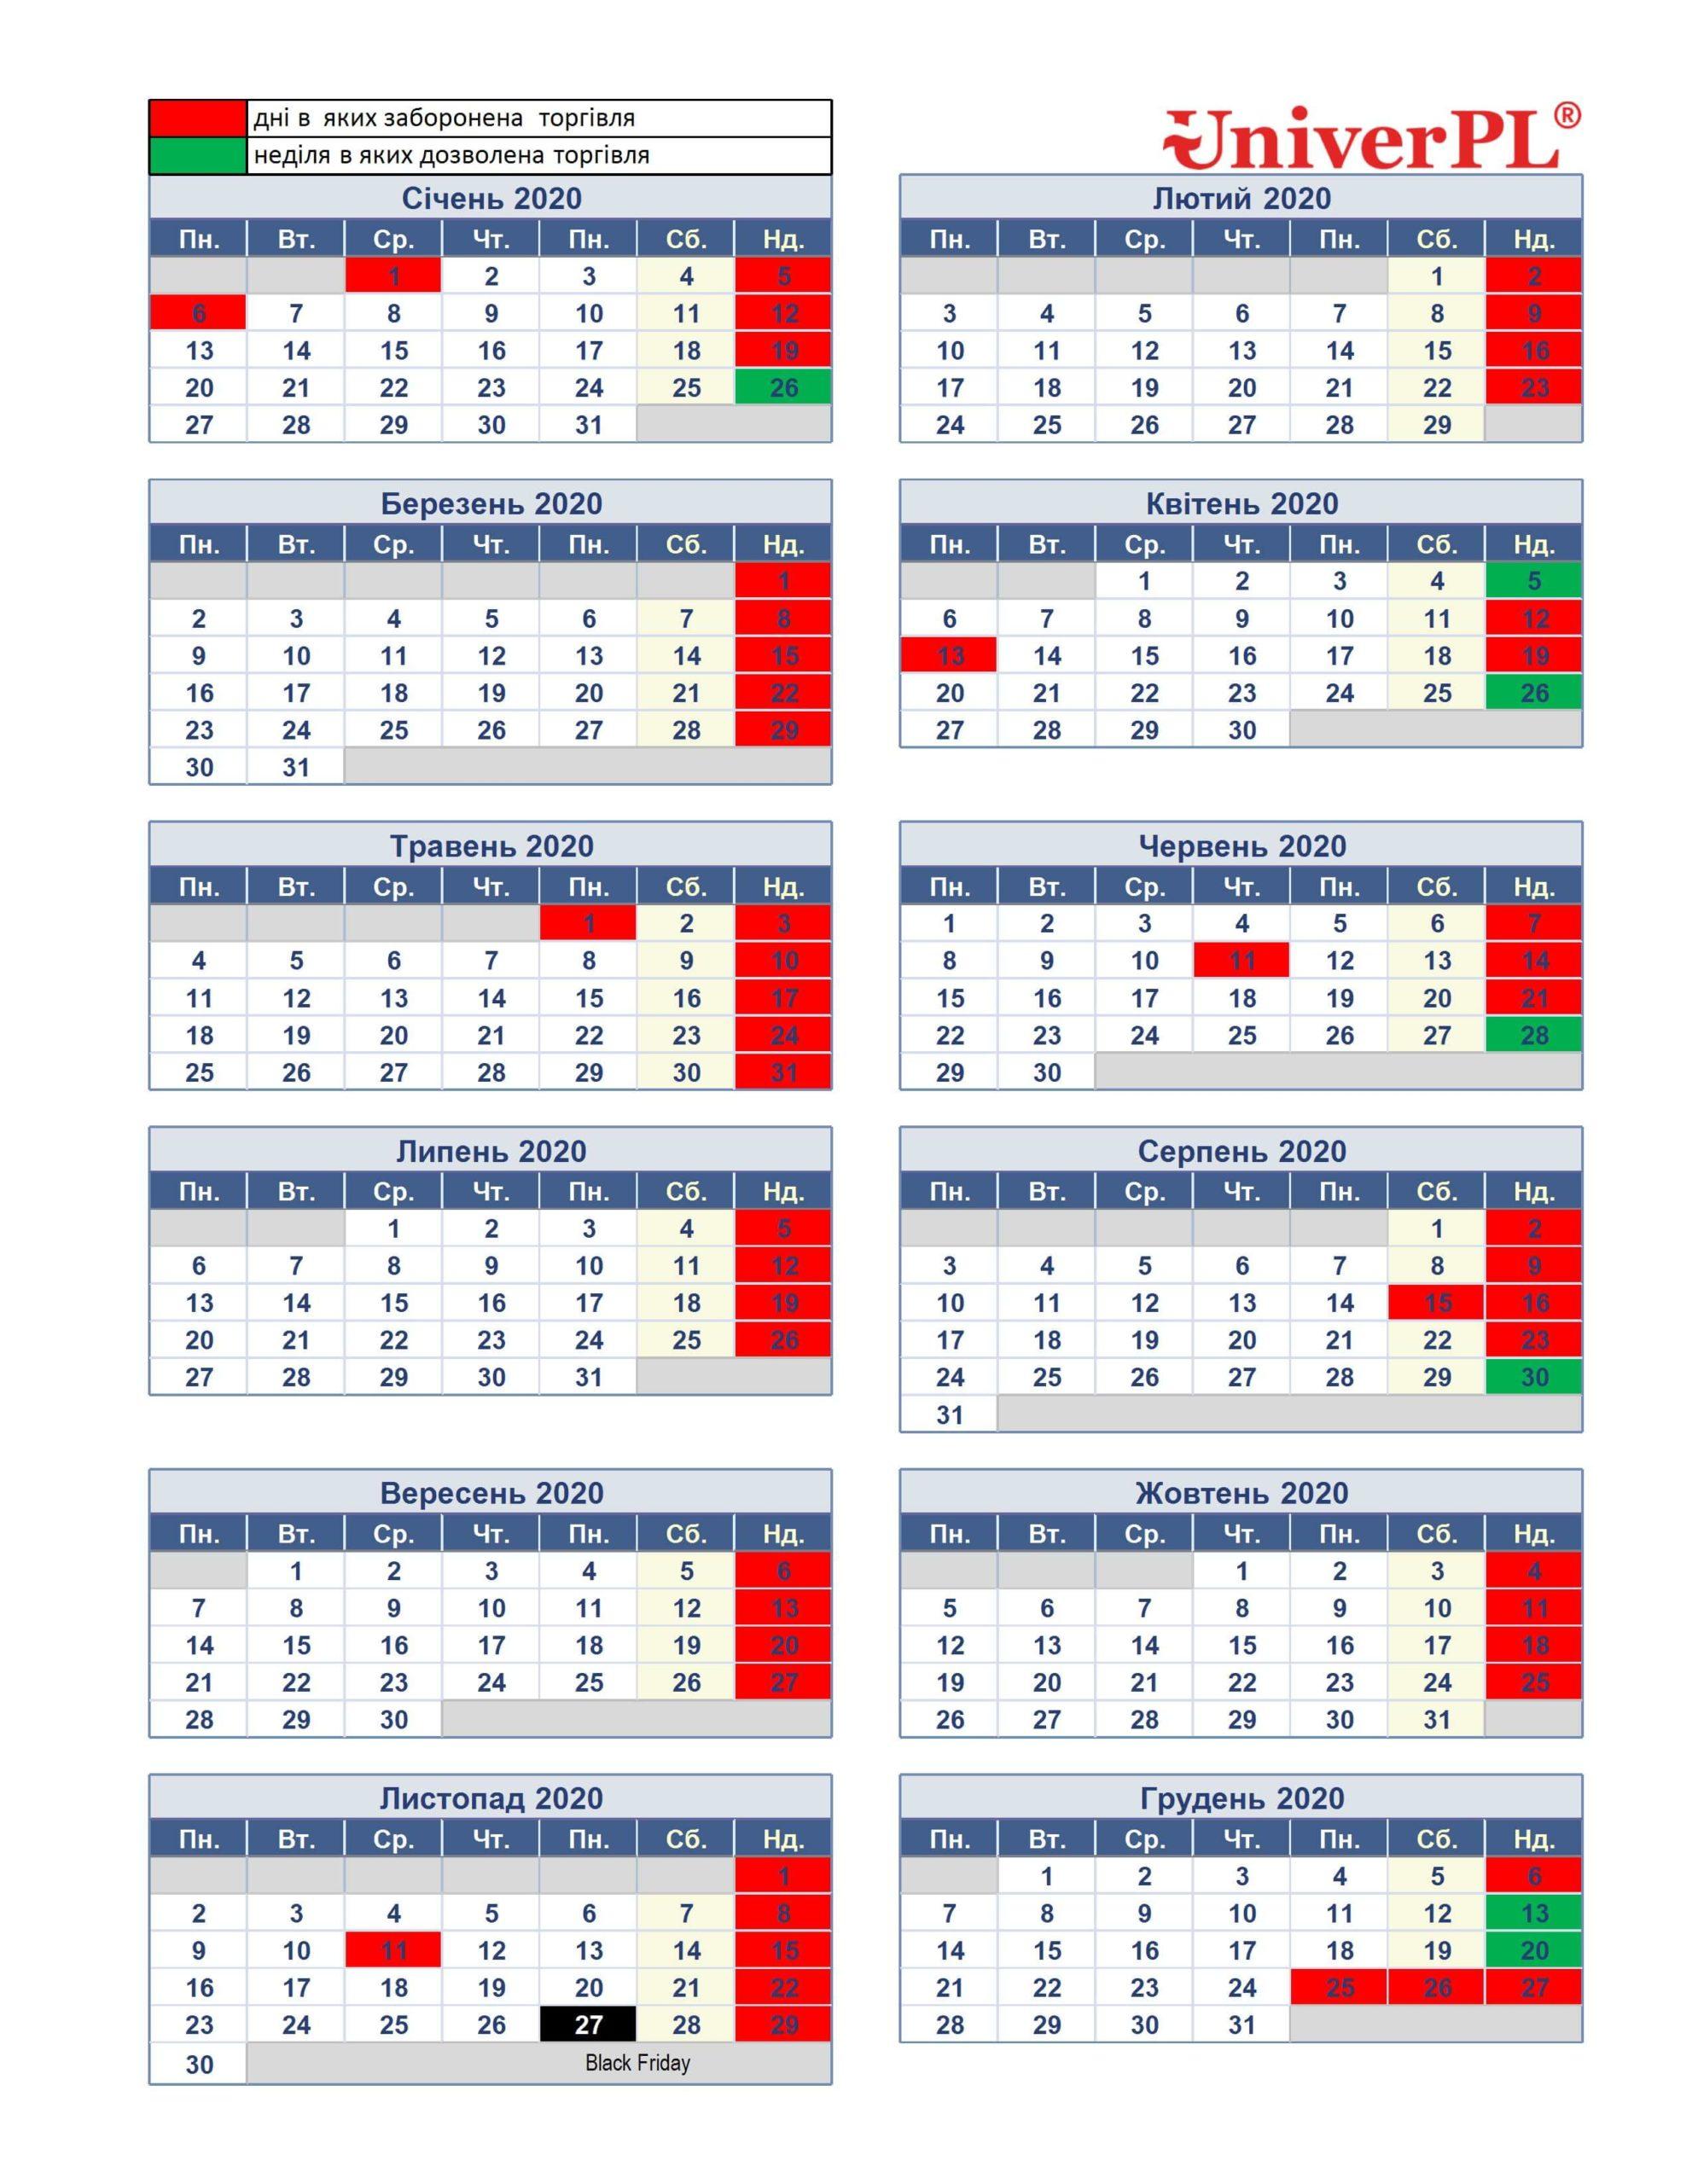 Календар Роботи Магазинів У Польщі У 2020 Році  Univerpl with Calendar Kuda 2020